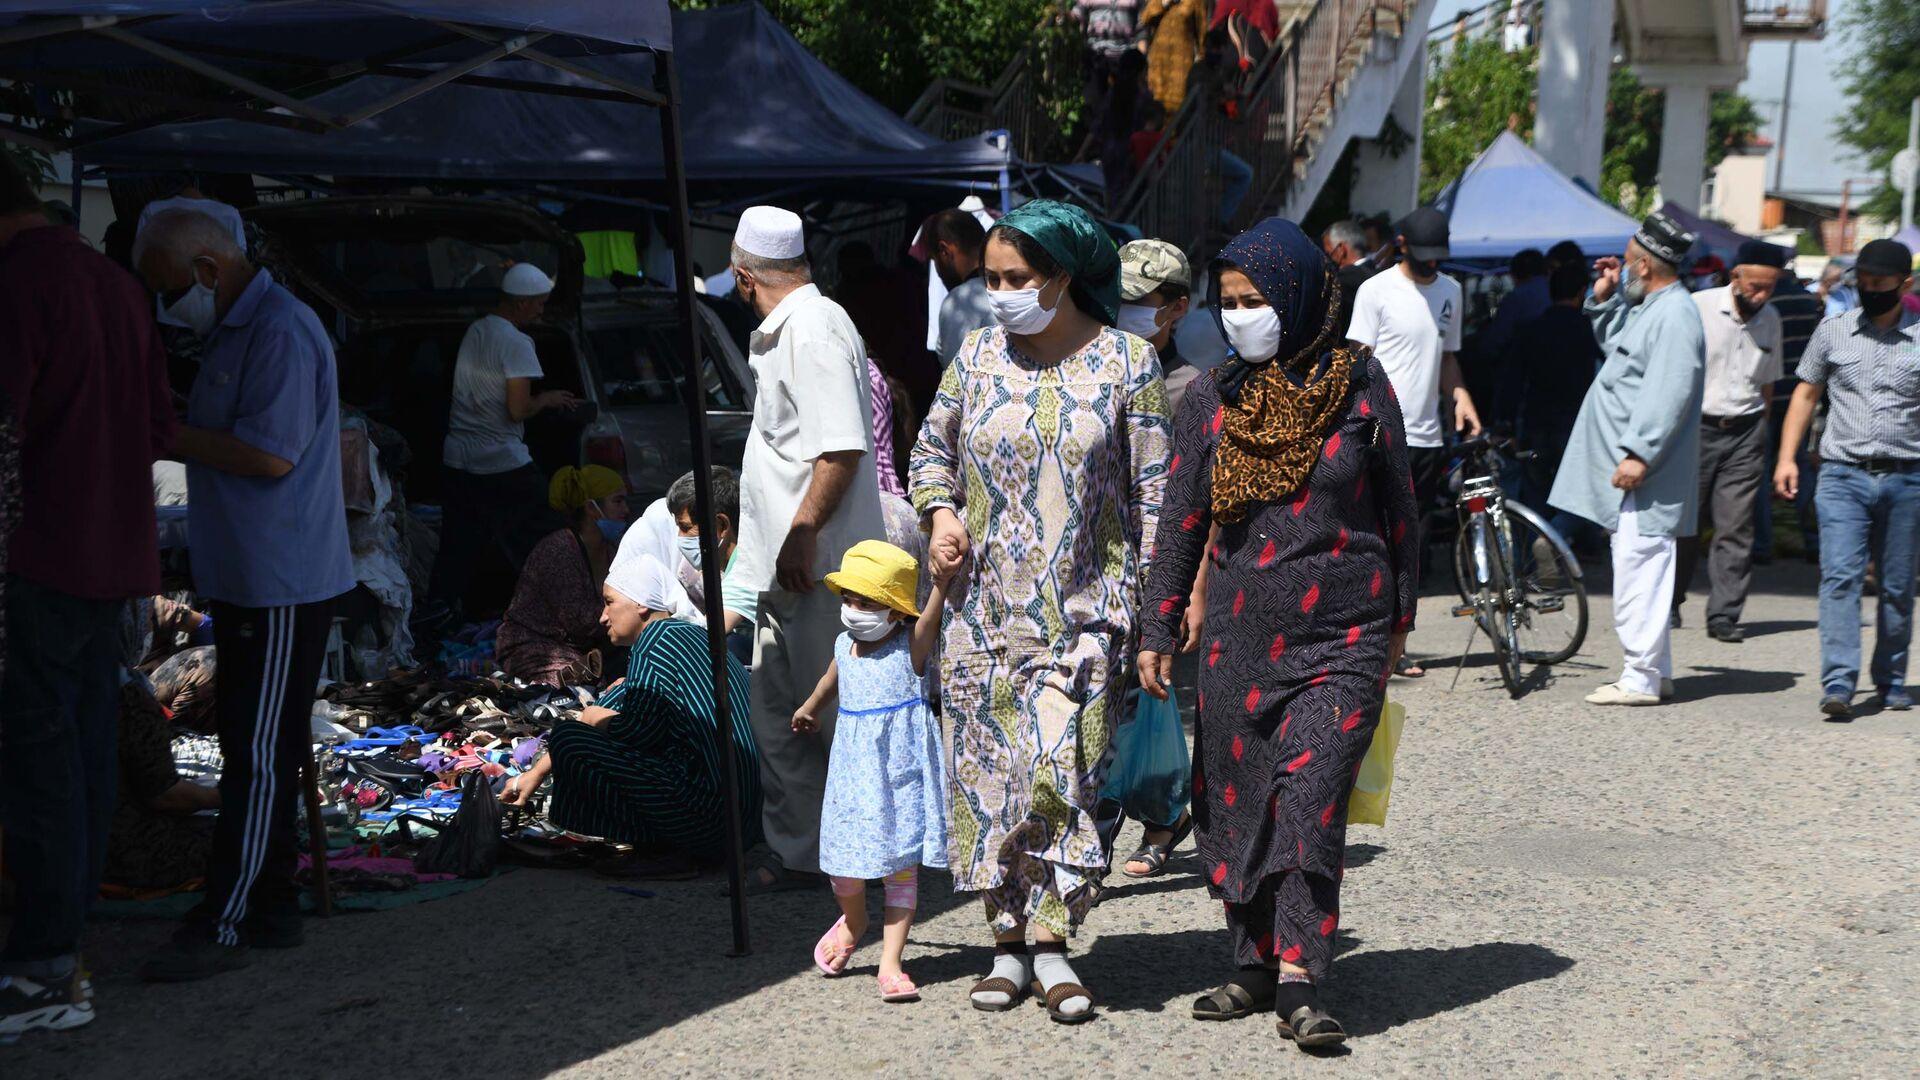 Люди в масках в городе Душанбе - Sputnik Таджикистан, 1920, 09.08.2021